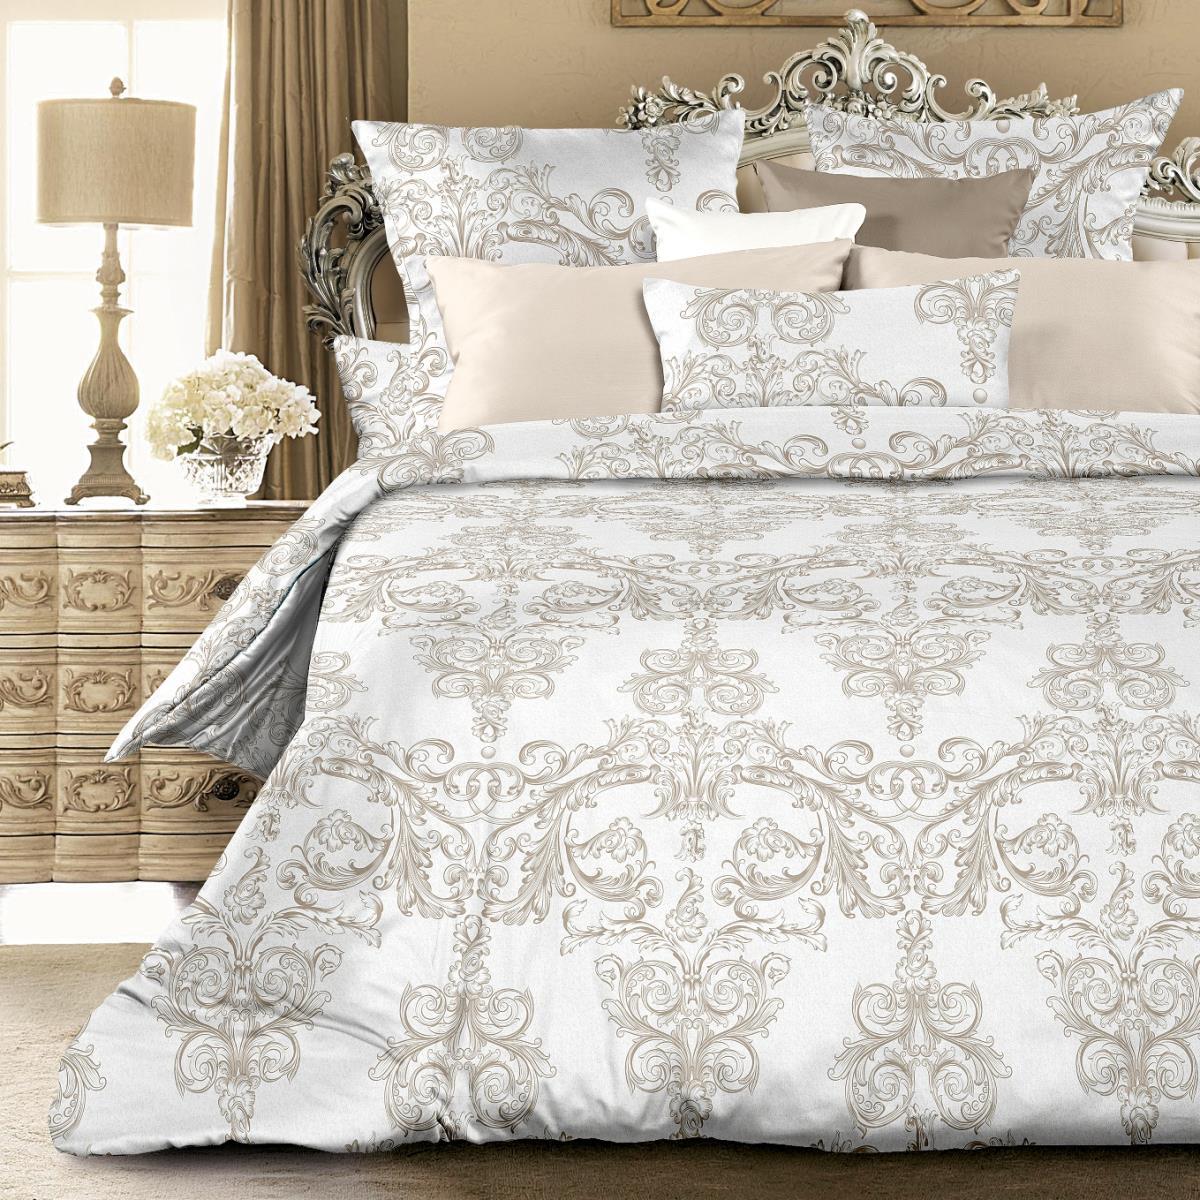 Комплекты постельного белья Унисон Постельное белье Лоренцо (1,5 спал.) постельное белье унисон постельное белье реми 2 спал